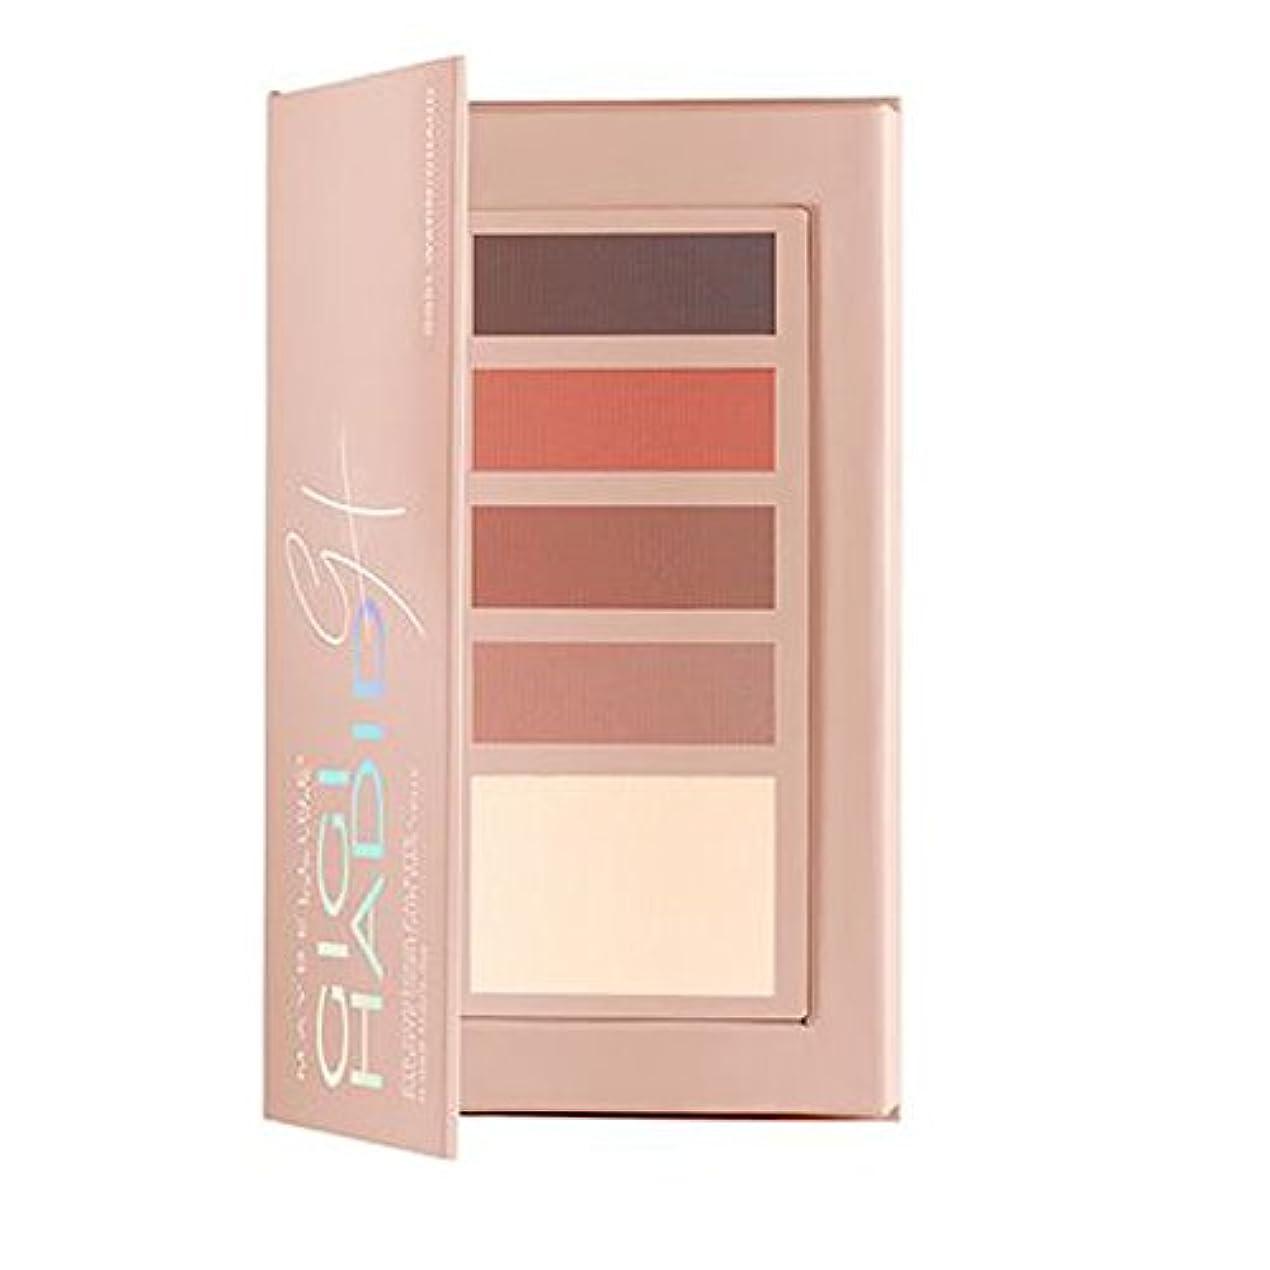 虐待キャスト敵メイベリン Gigi Hadid Eye Contour palette - # GG01 Warm 2.5g/0.088oz並行輸入品